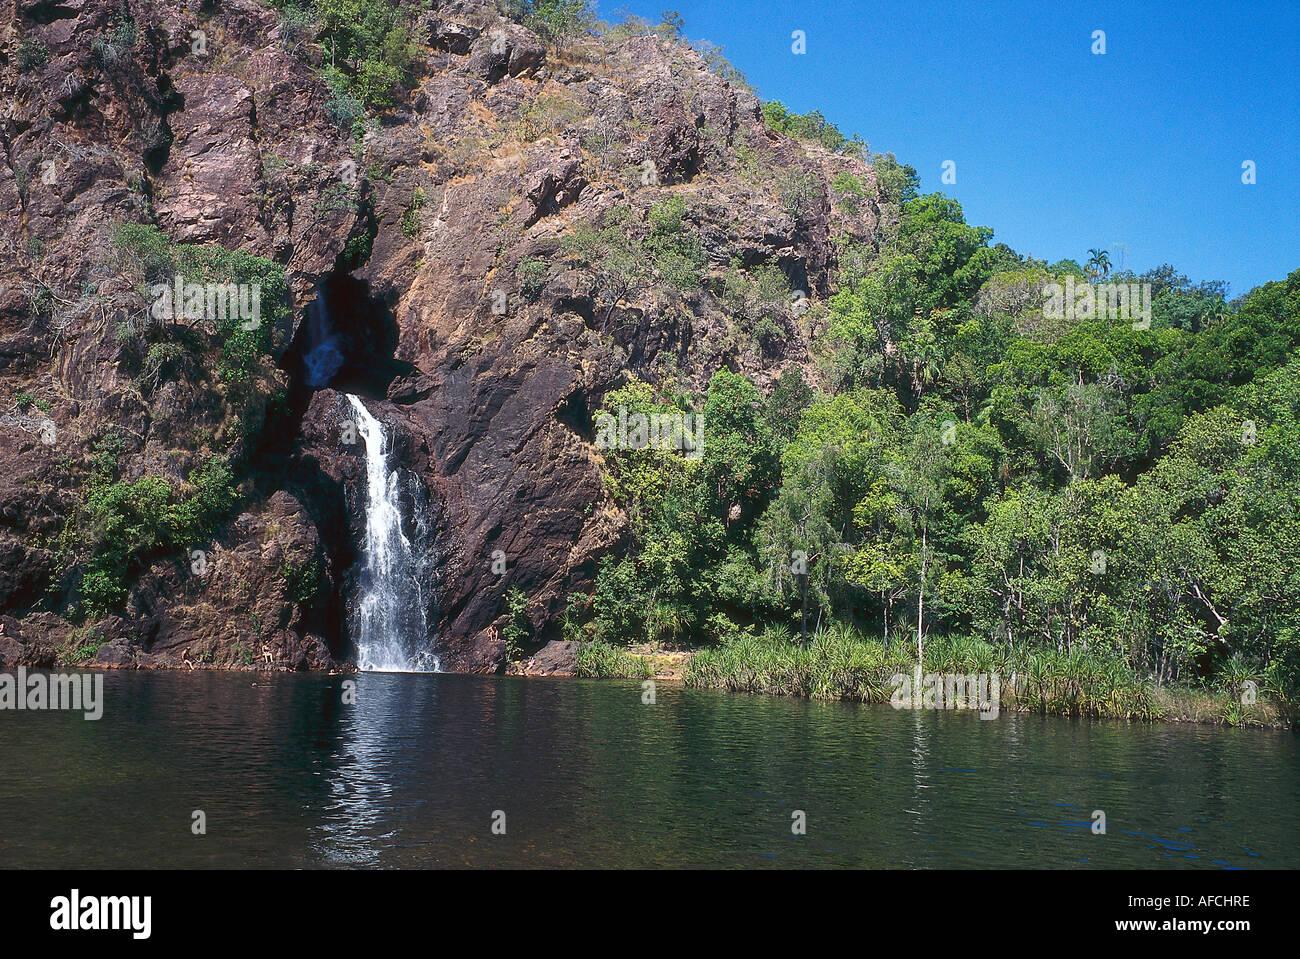 Wangi Falls, Litchfield NP NT, Australia - Stock Image